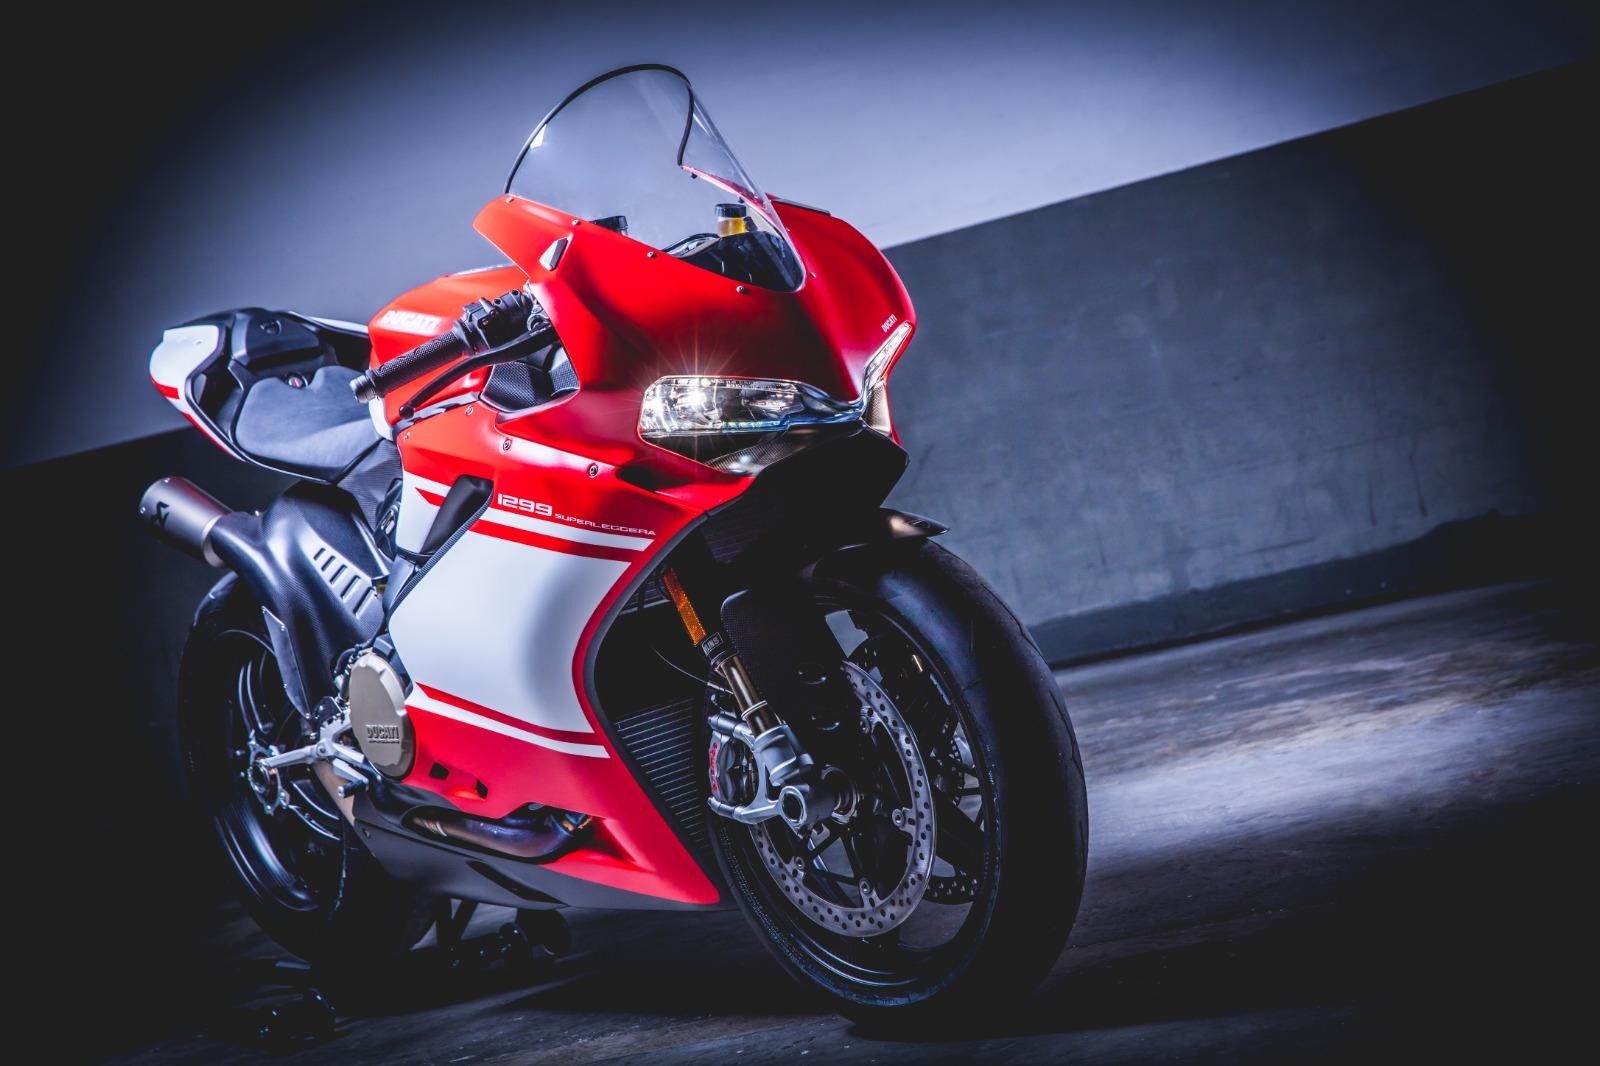 DUCATI 1299 Superleggera 2017 紅白, 全新零咪 寄賣車 - 「Webike摩托車市」